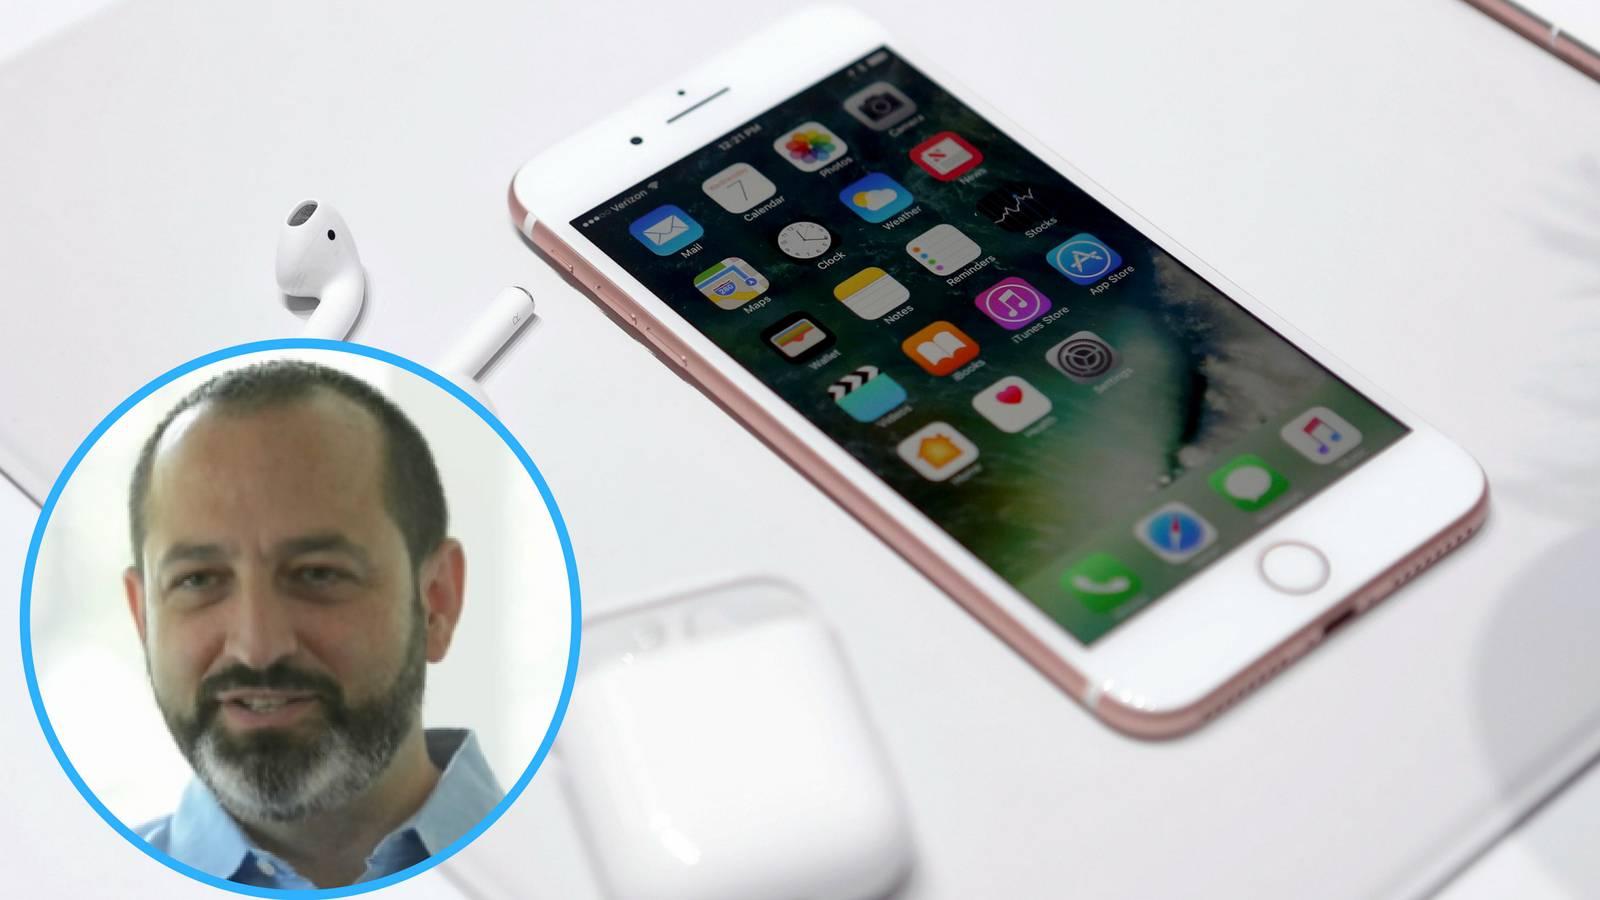 Stručnjak otkriva vrijedi li novi iPhone, napokon znamo i cijene